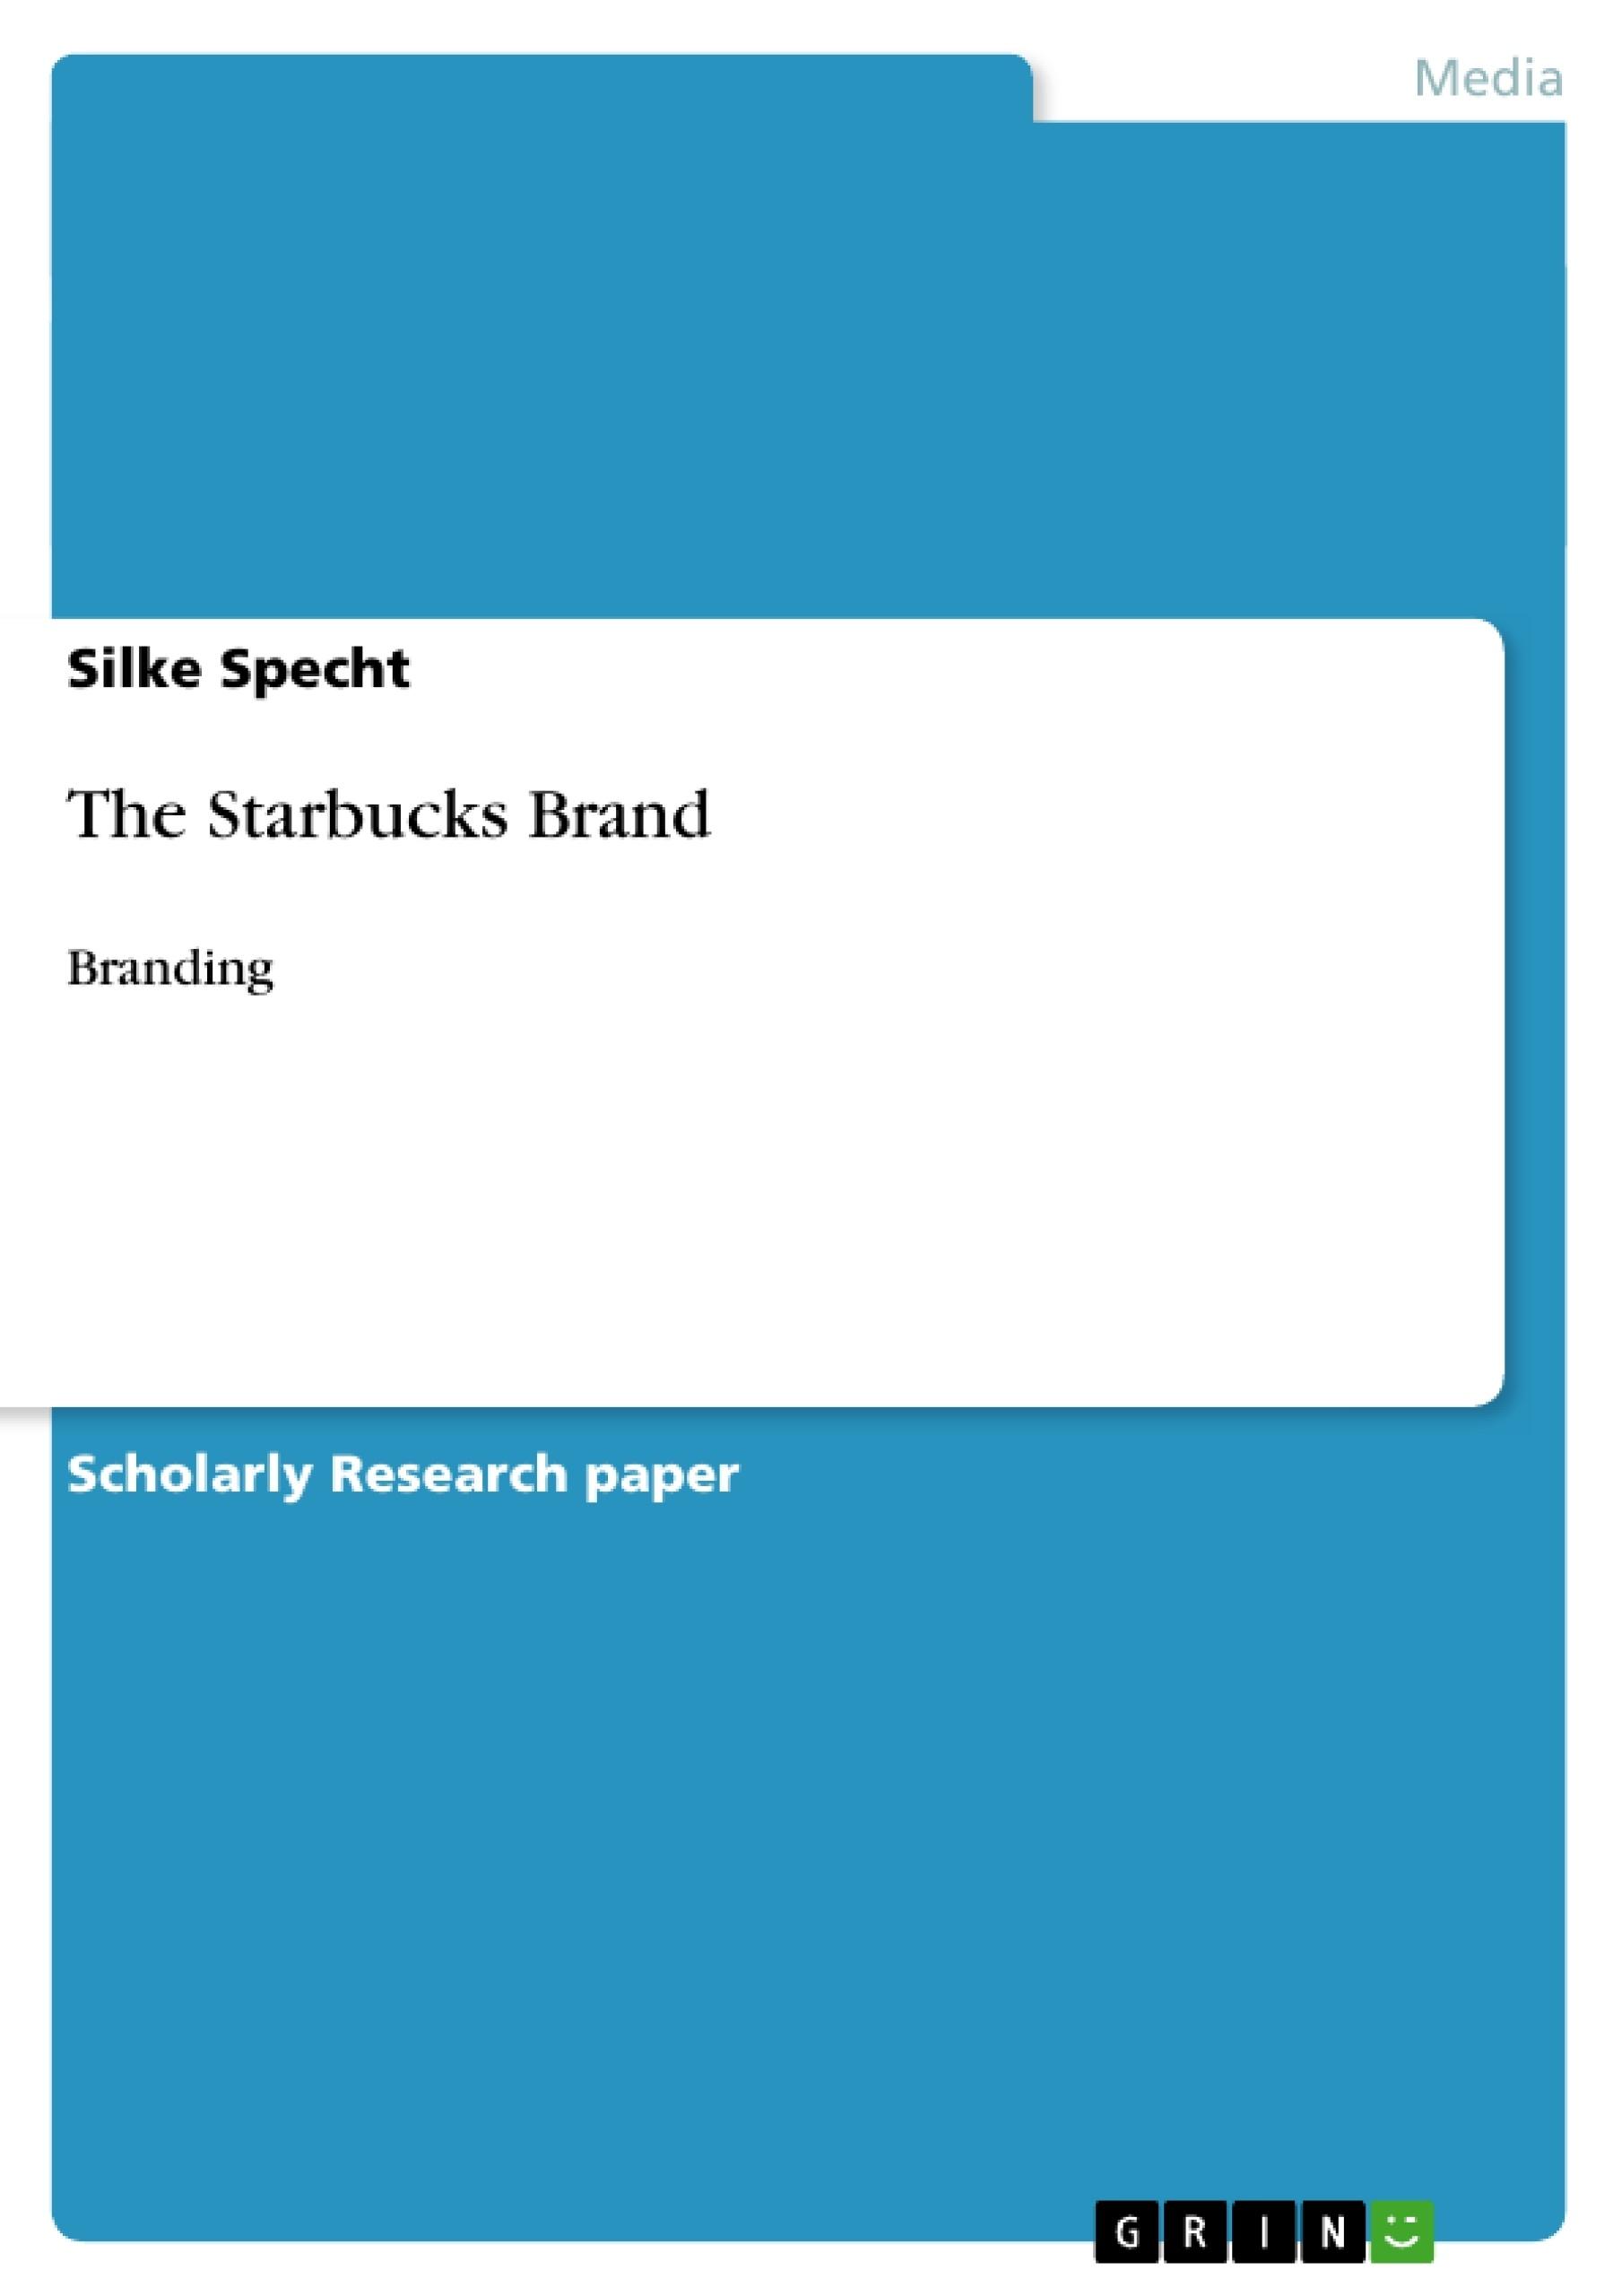 Essay notes limitations of Starbucks new scholarship program